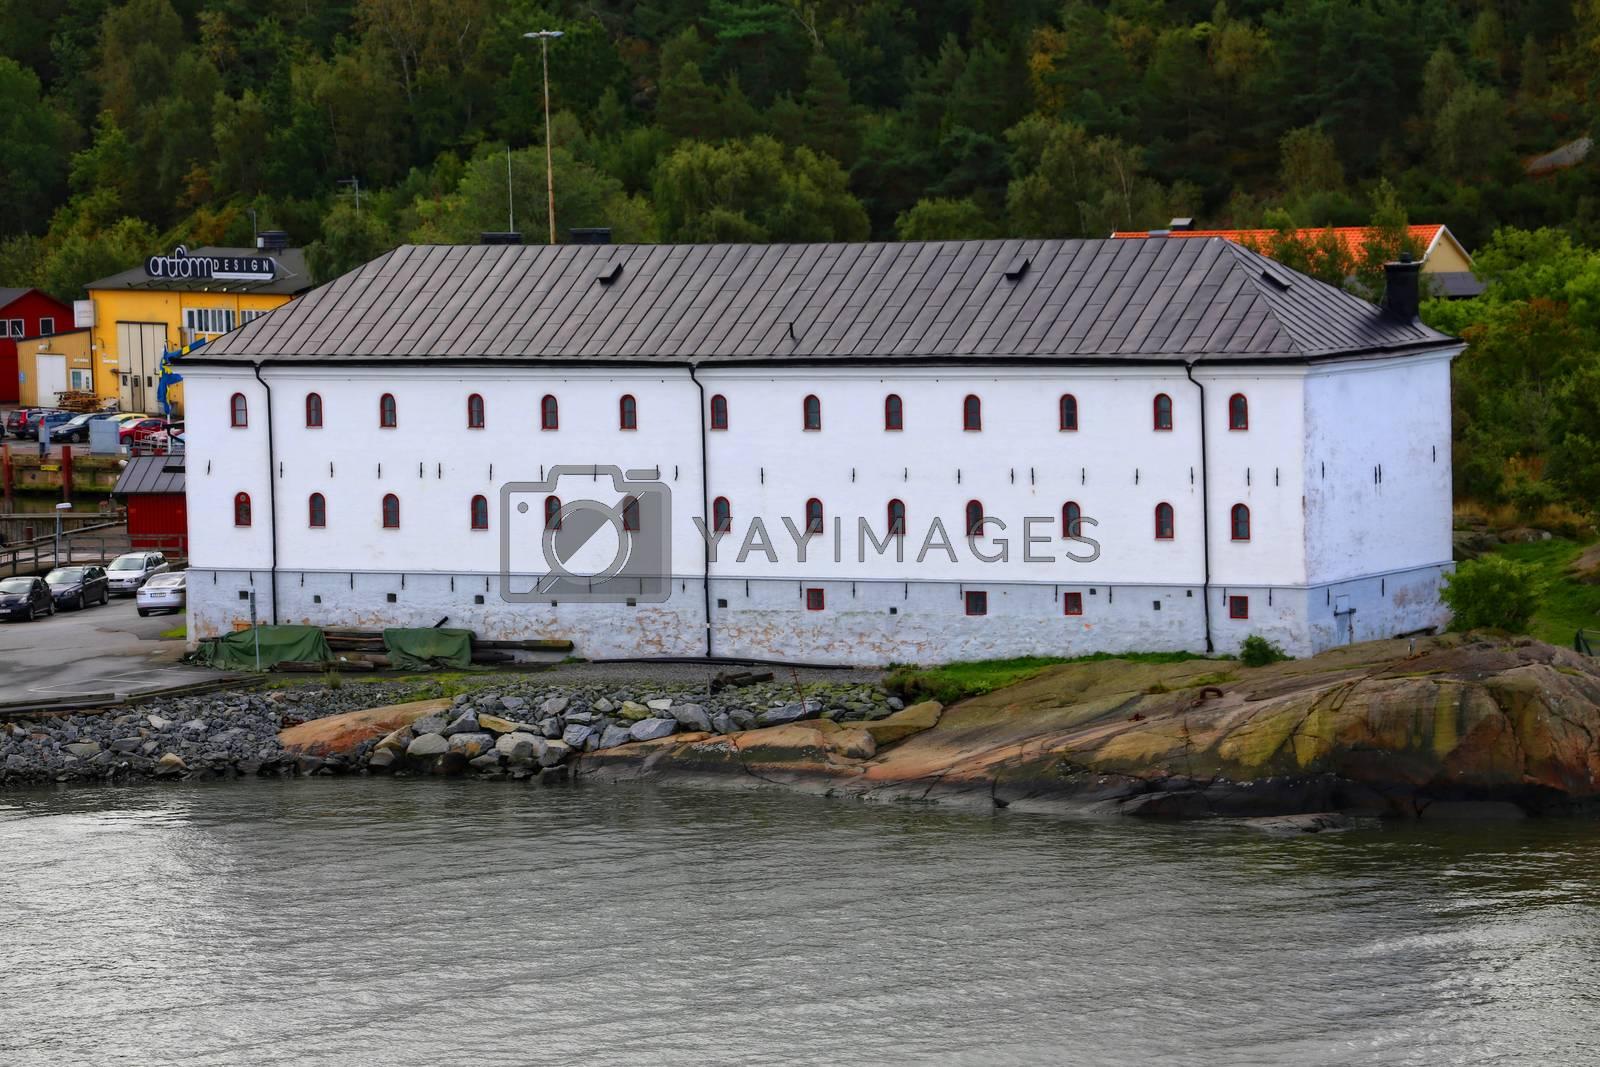 Nya Varvet är en stadsdel, en före detta örlogshamn och ett fängelse i Göteborgs kommun. Stadsdelen har en areal på 80 hektar.Nya Varvsområdet bildade 1876–1931 Nya Varvets landskommun